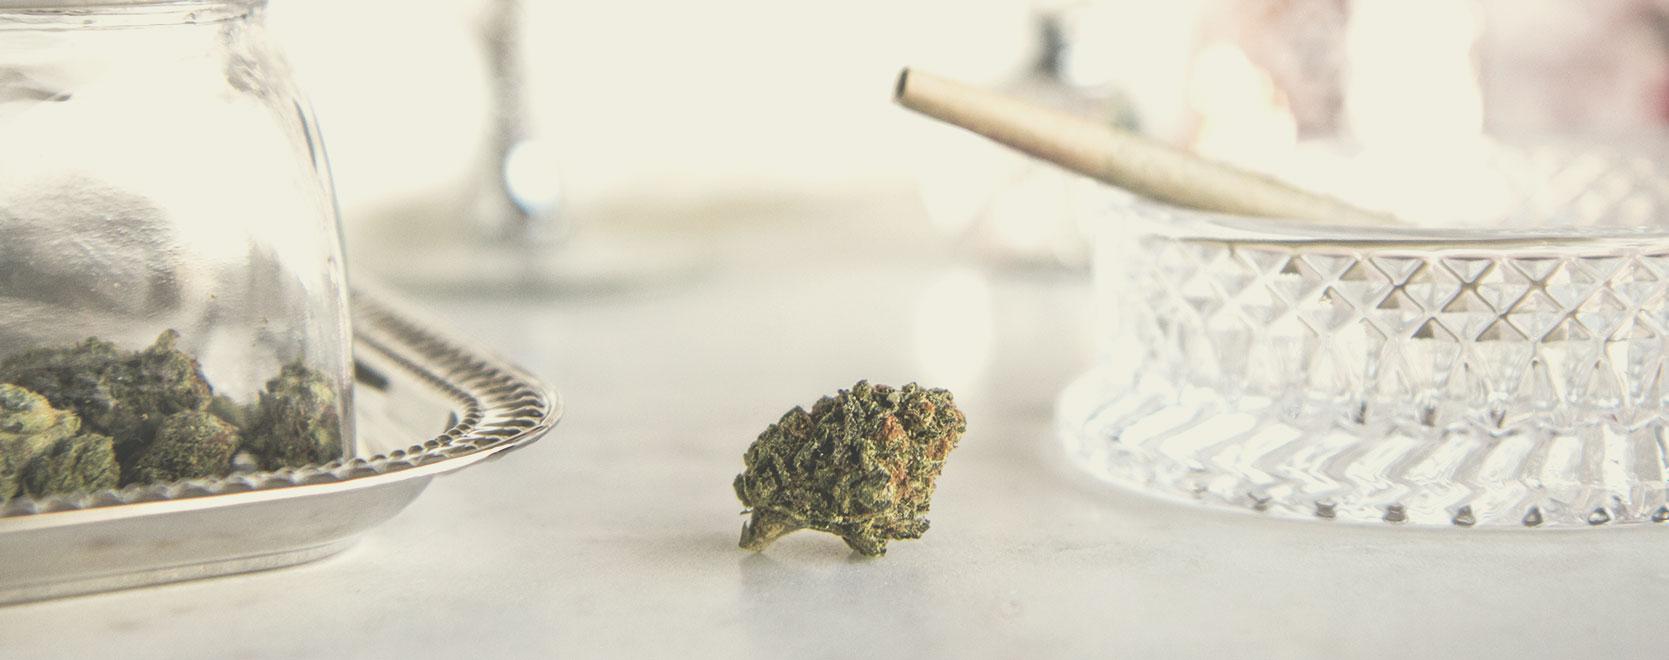 Consommer du cannabis de manière responsable